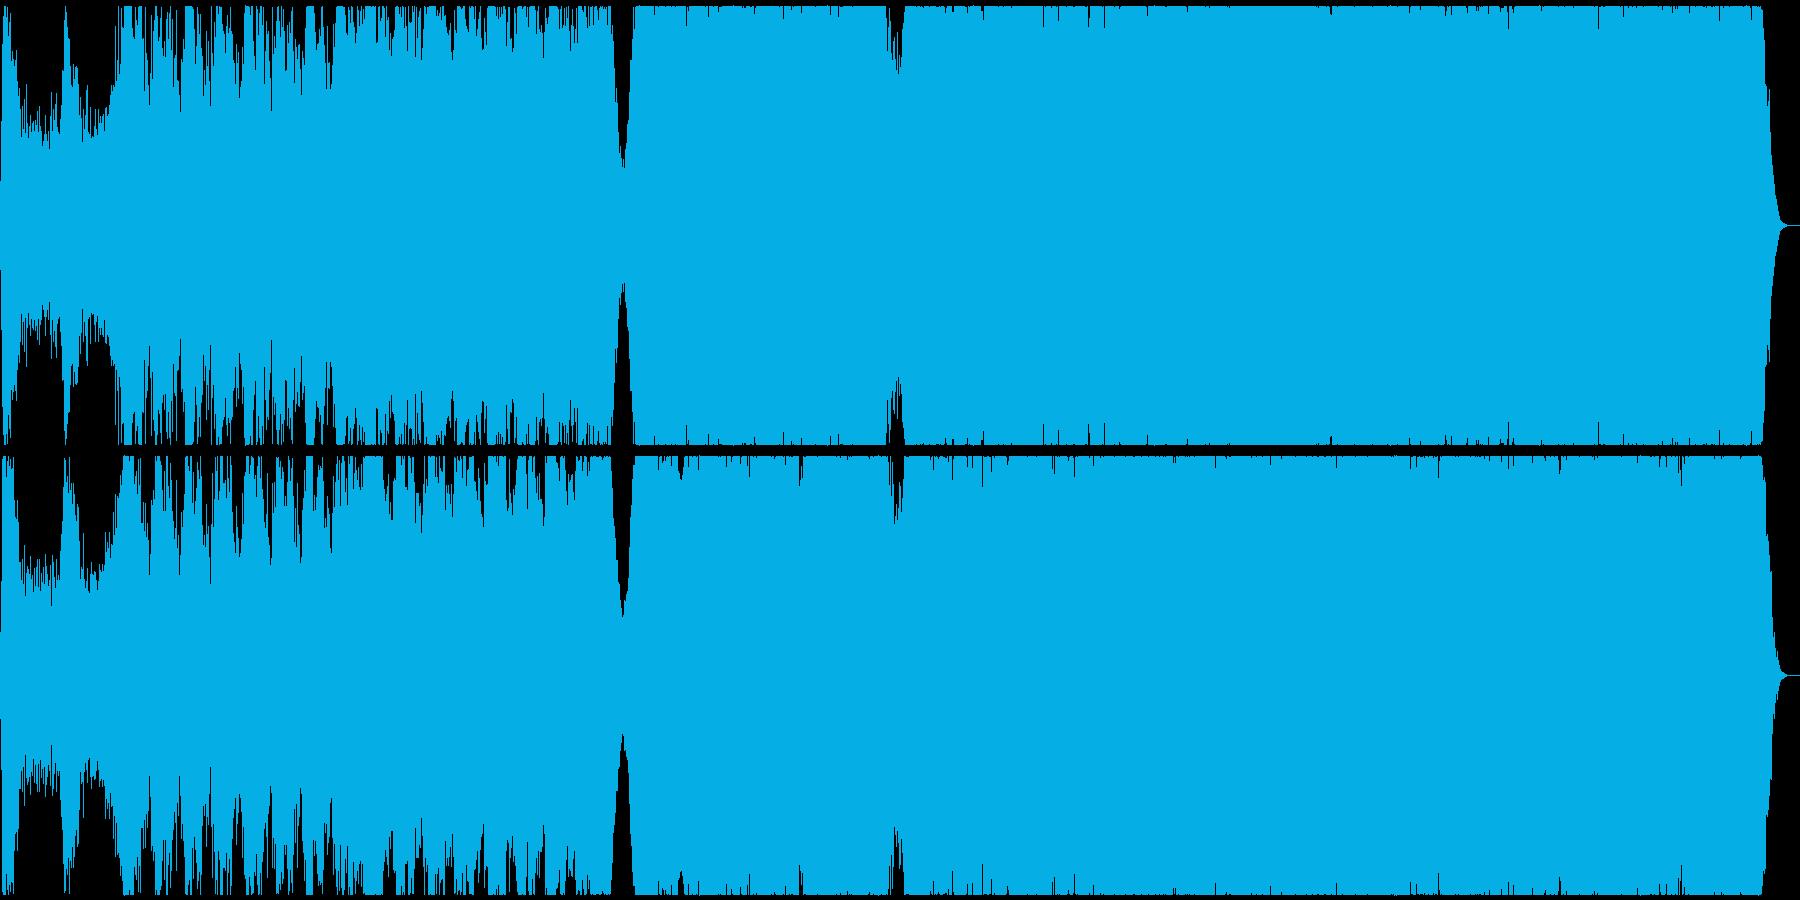 コーラスのあるド派手なオーケストラ曲の再生済みの波形